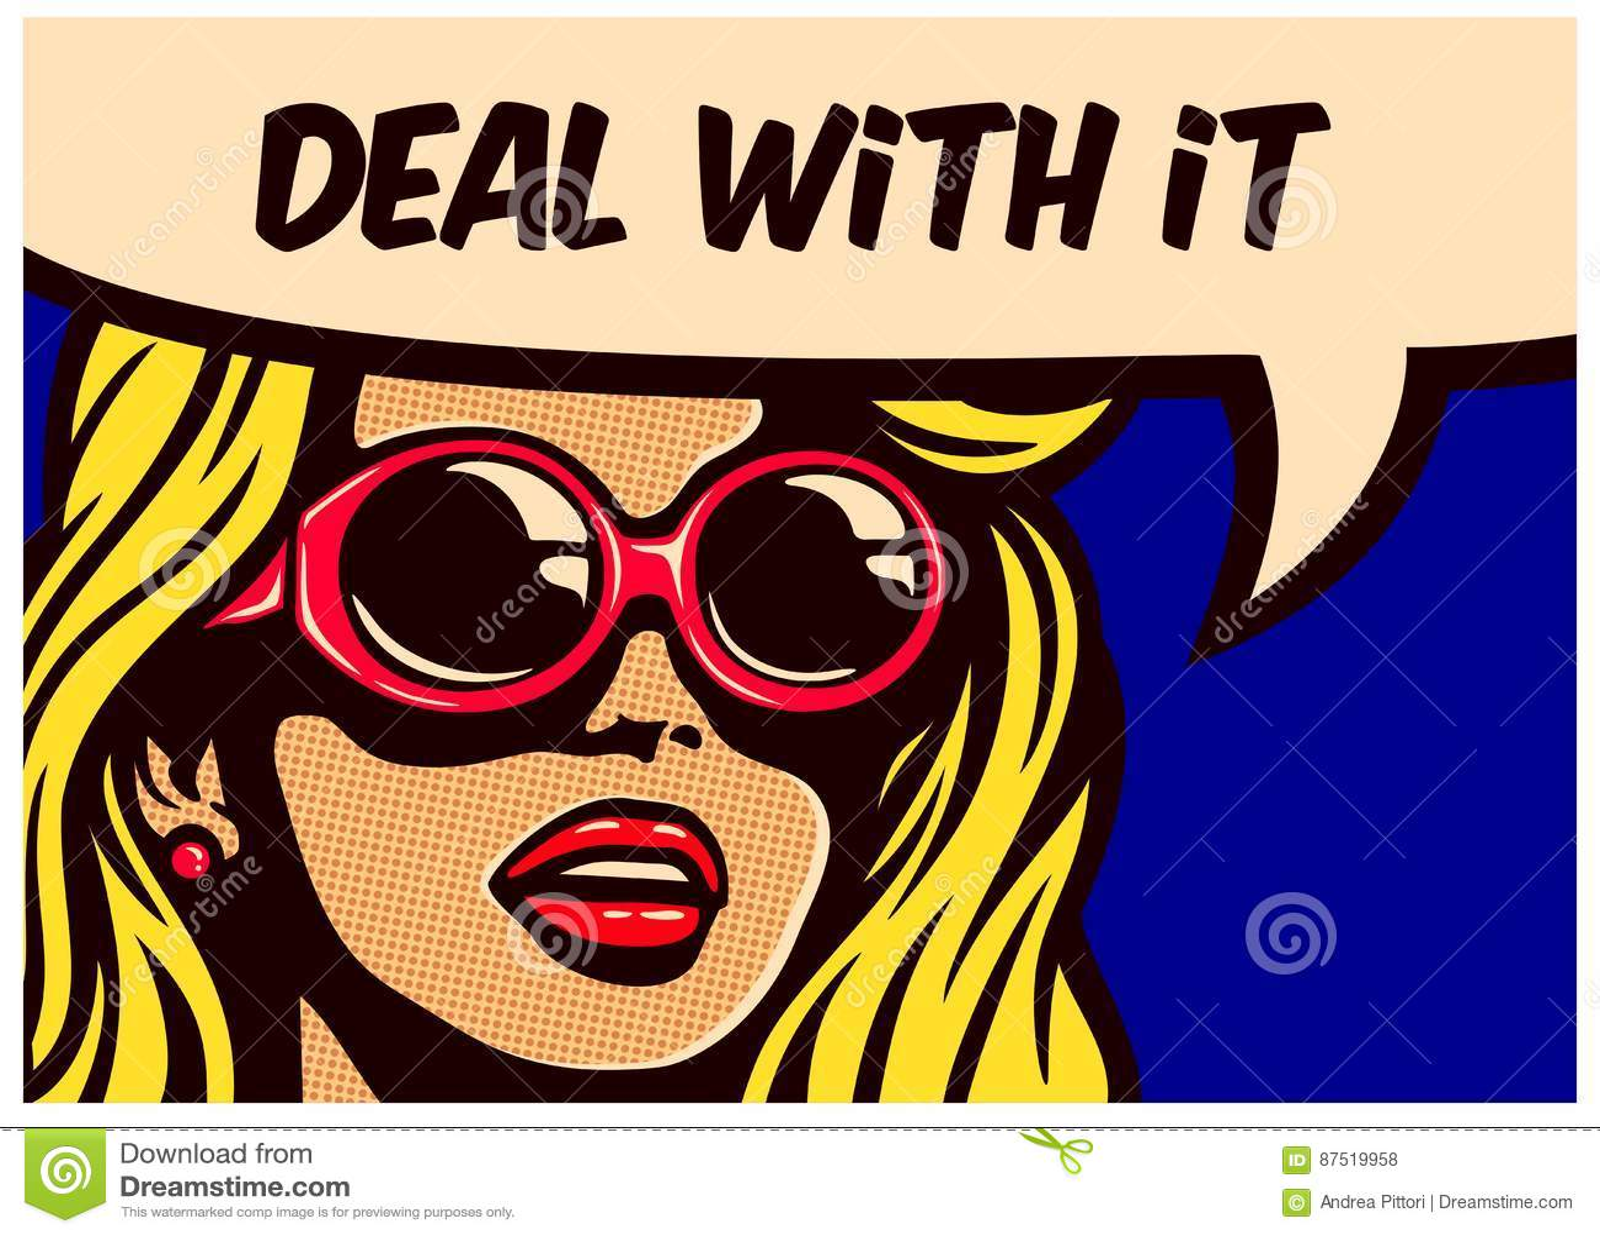 Το εξετάστε! Εκλεκτής ποιότητας λαϊκή ατάραχη αδιάφορη γυναίκα κόμικς τέχνης με τη διανυσματική απεικόνιση soundglasses